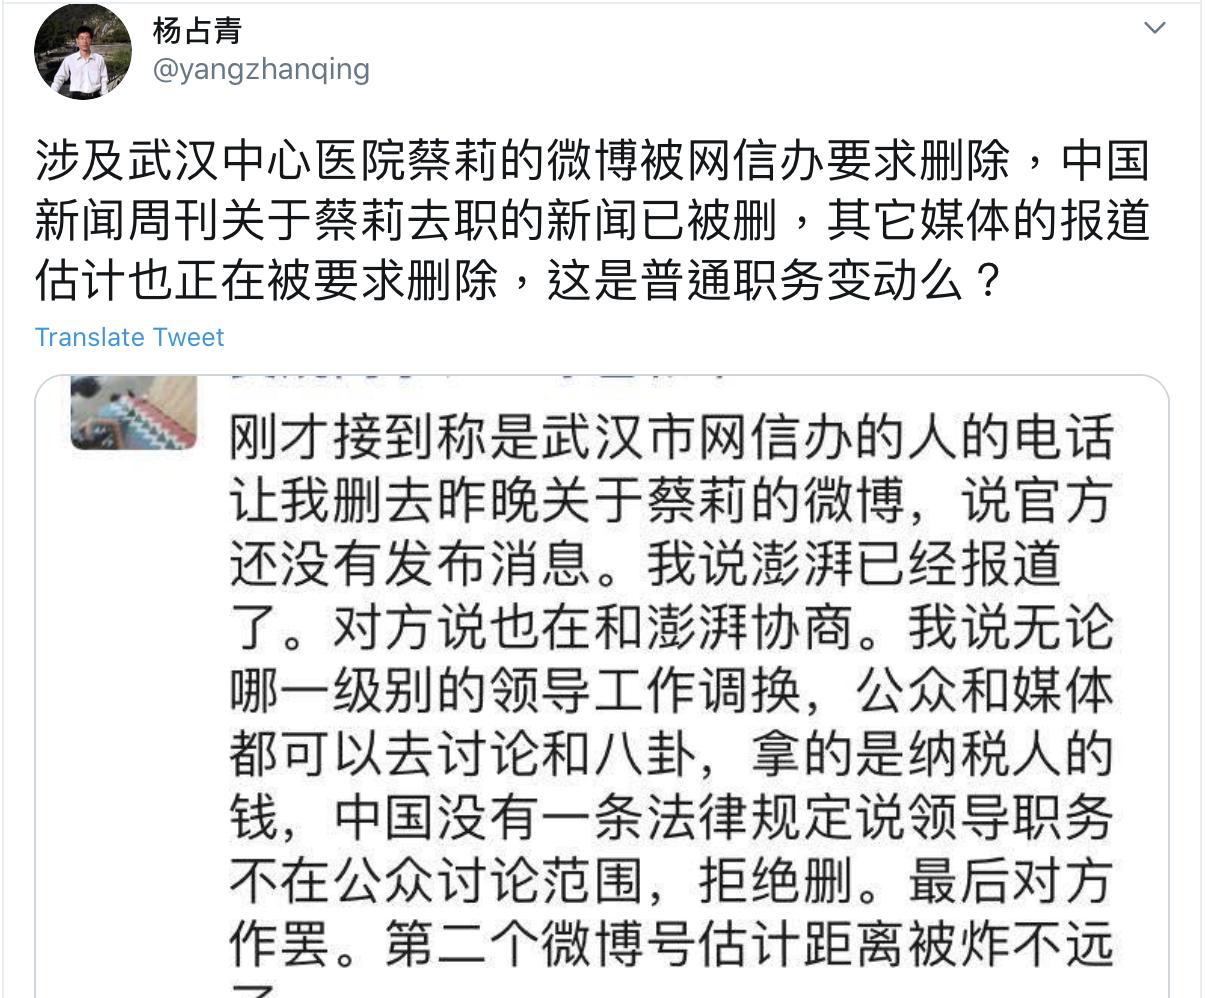 中國資深維權NGO人士楊占青發推披露,武漢中心醫院黨委書記離職被網信辦嚴密控制,大陸媒體報道被要求撤稿。(網絡截圖)